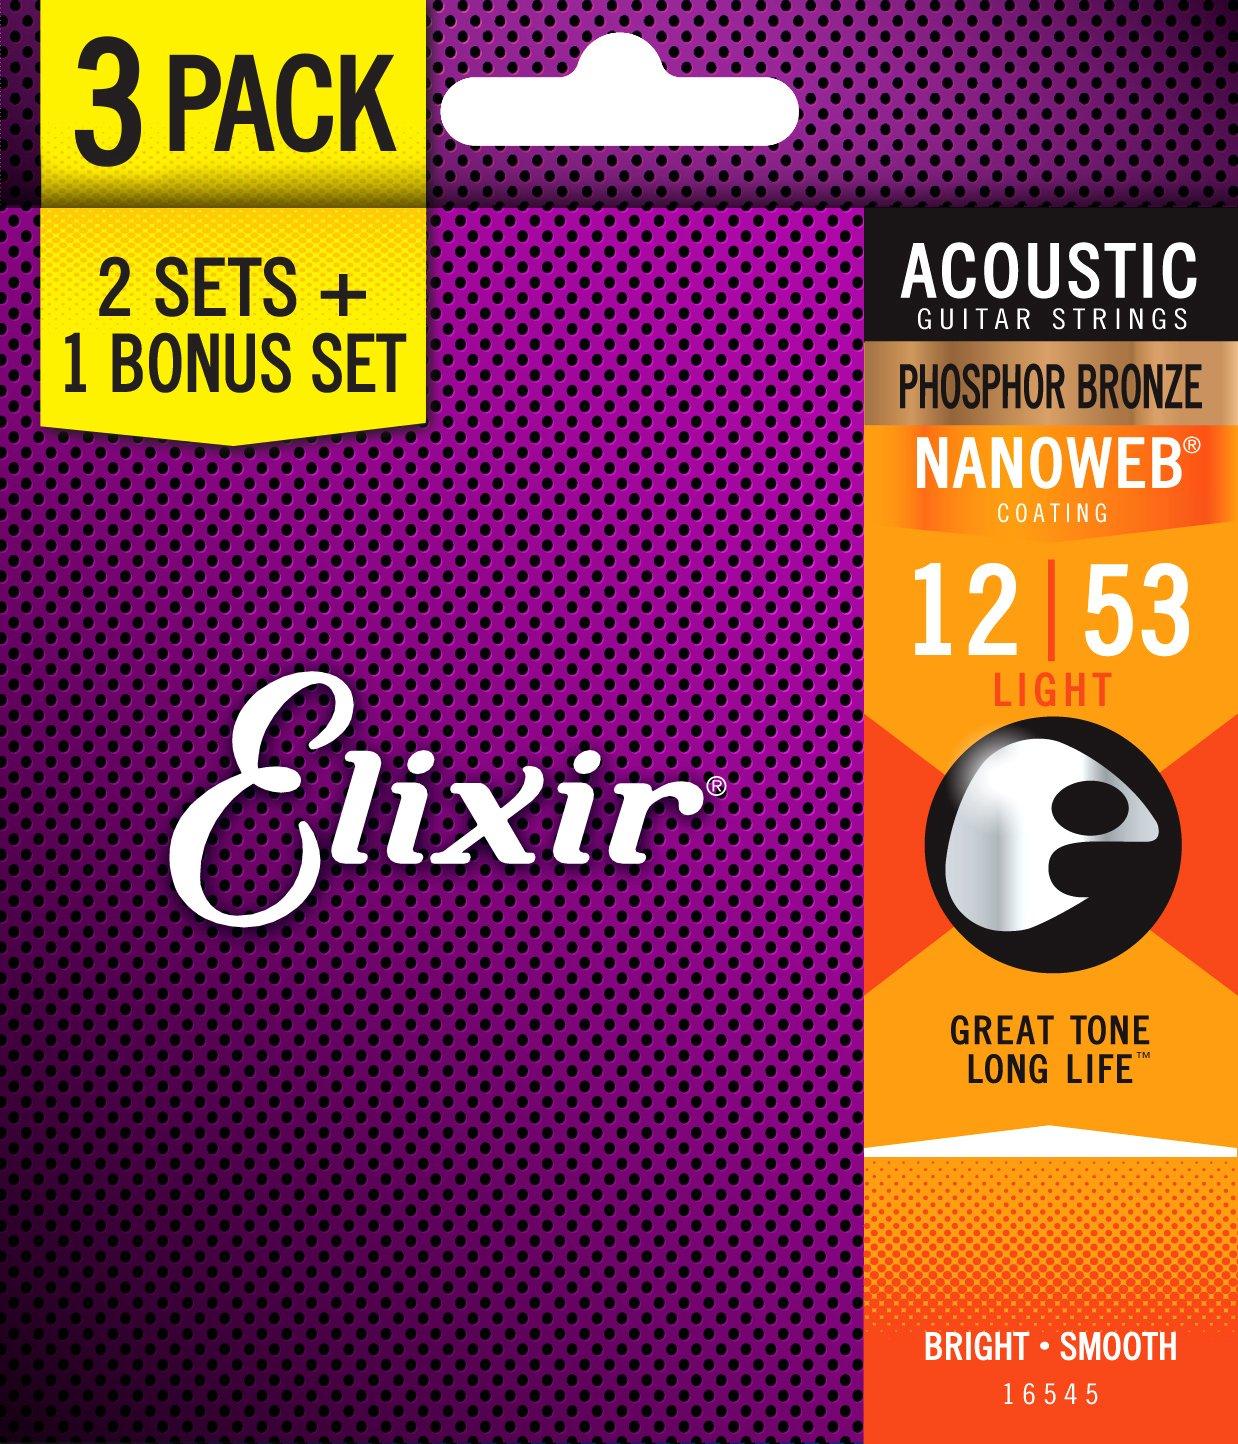 Elixir Strings 16545 Acoustic Phosphor Bronze Guitar Strings with NANOWEB Coating, 3 Pack, Light (.012-.053)